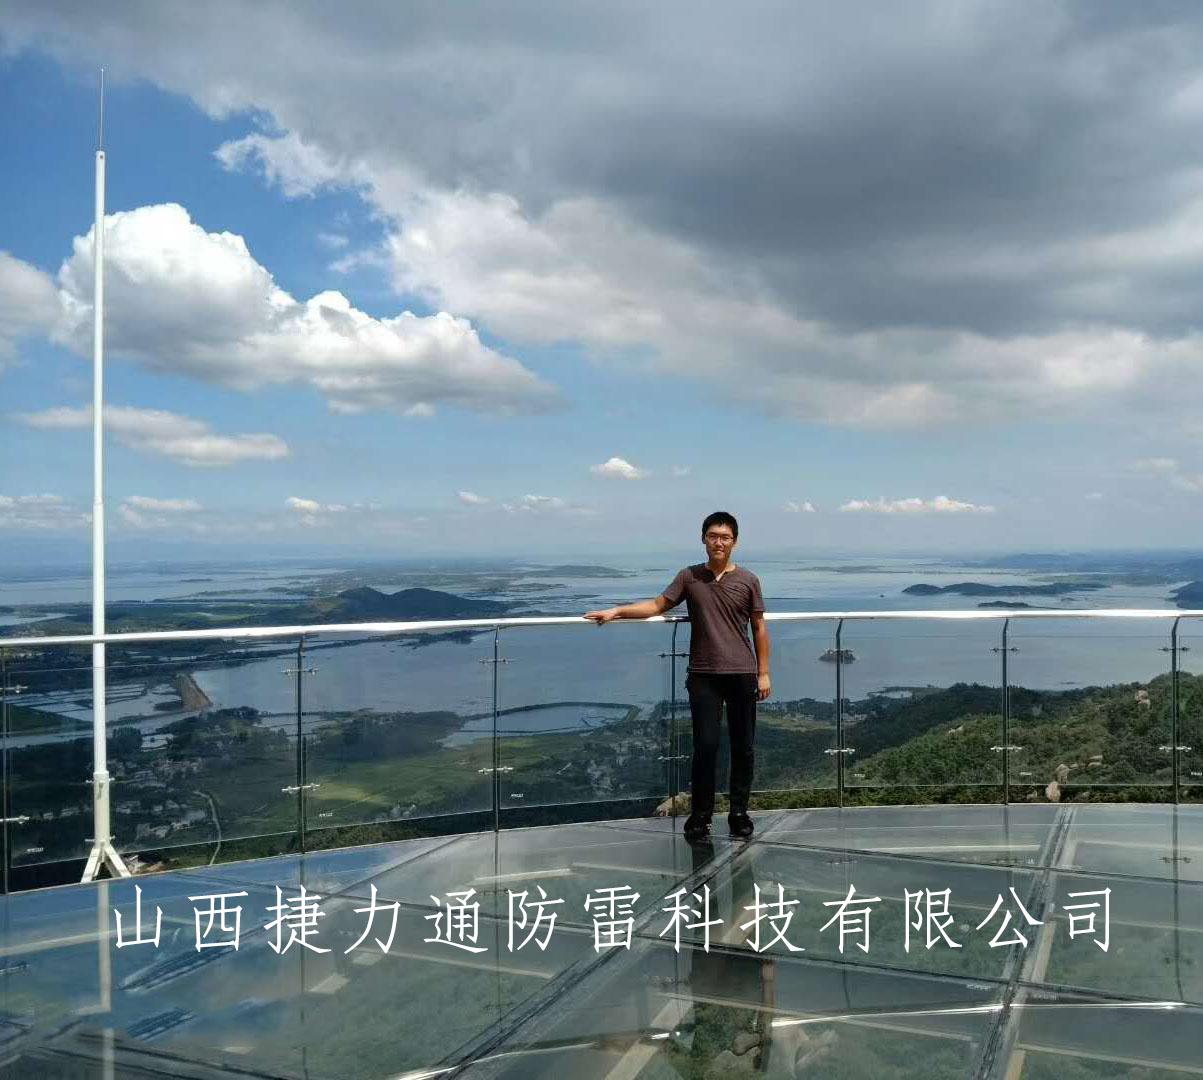 21米高强度定制雷达站千赢网页手机版登入